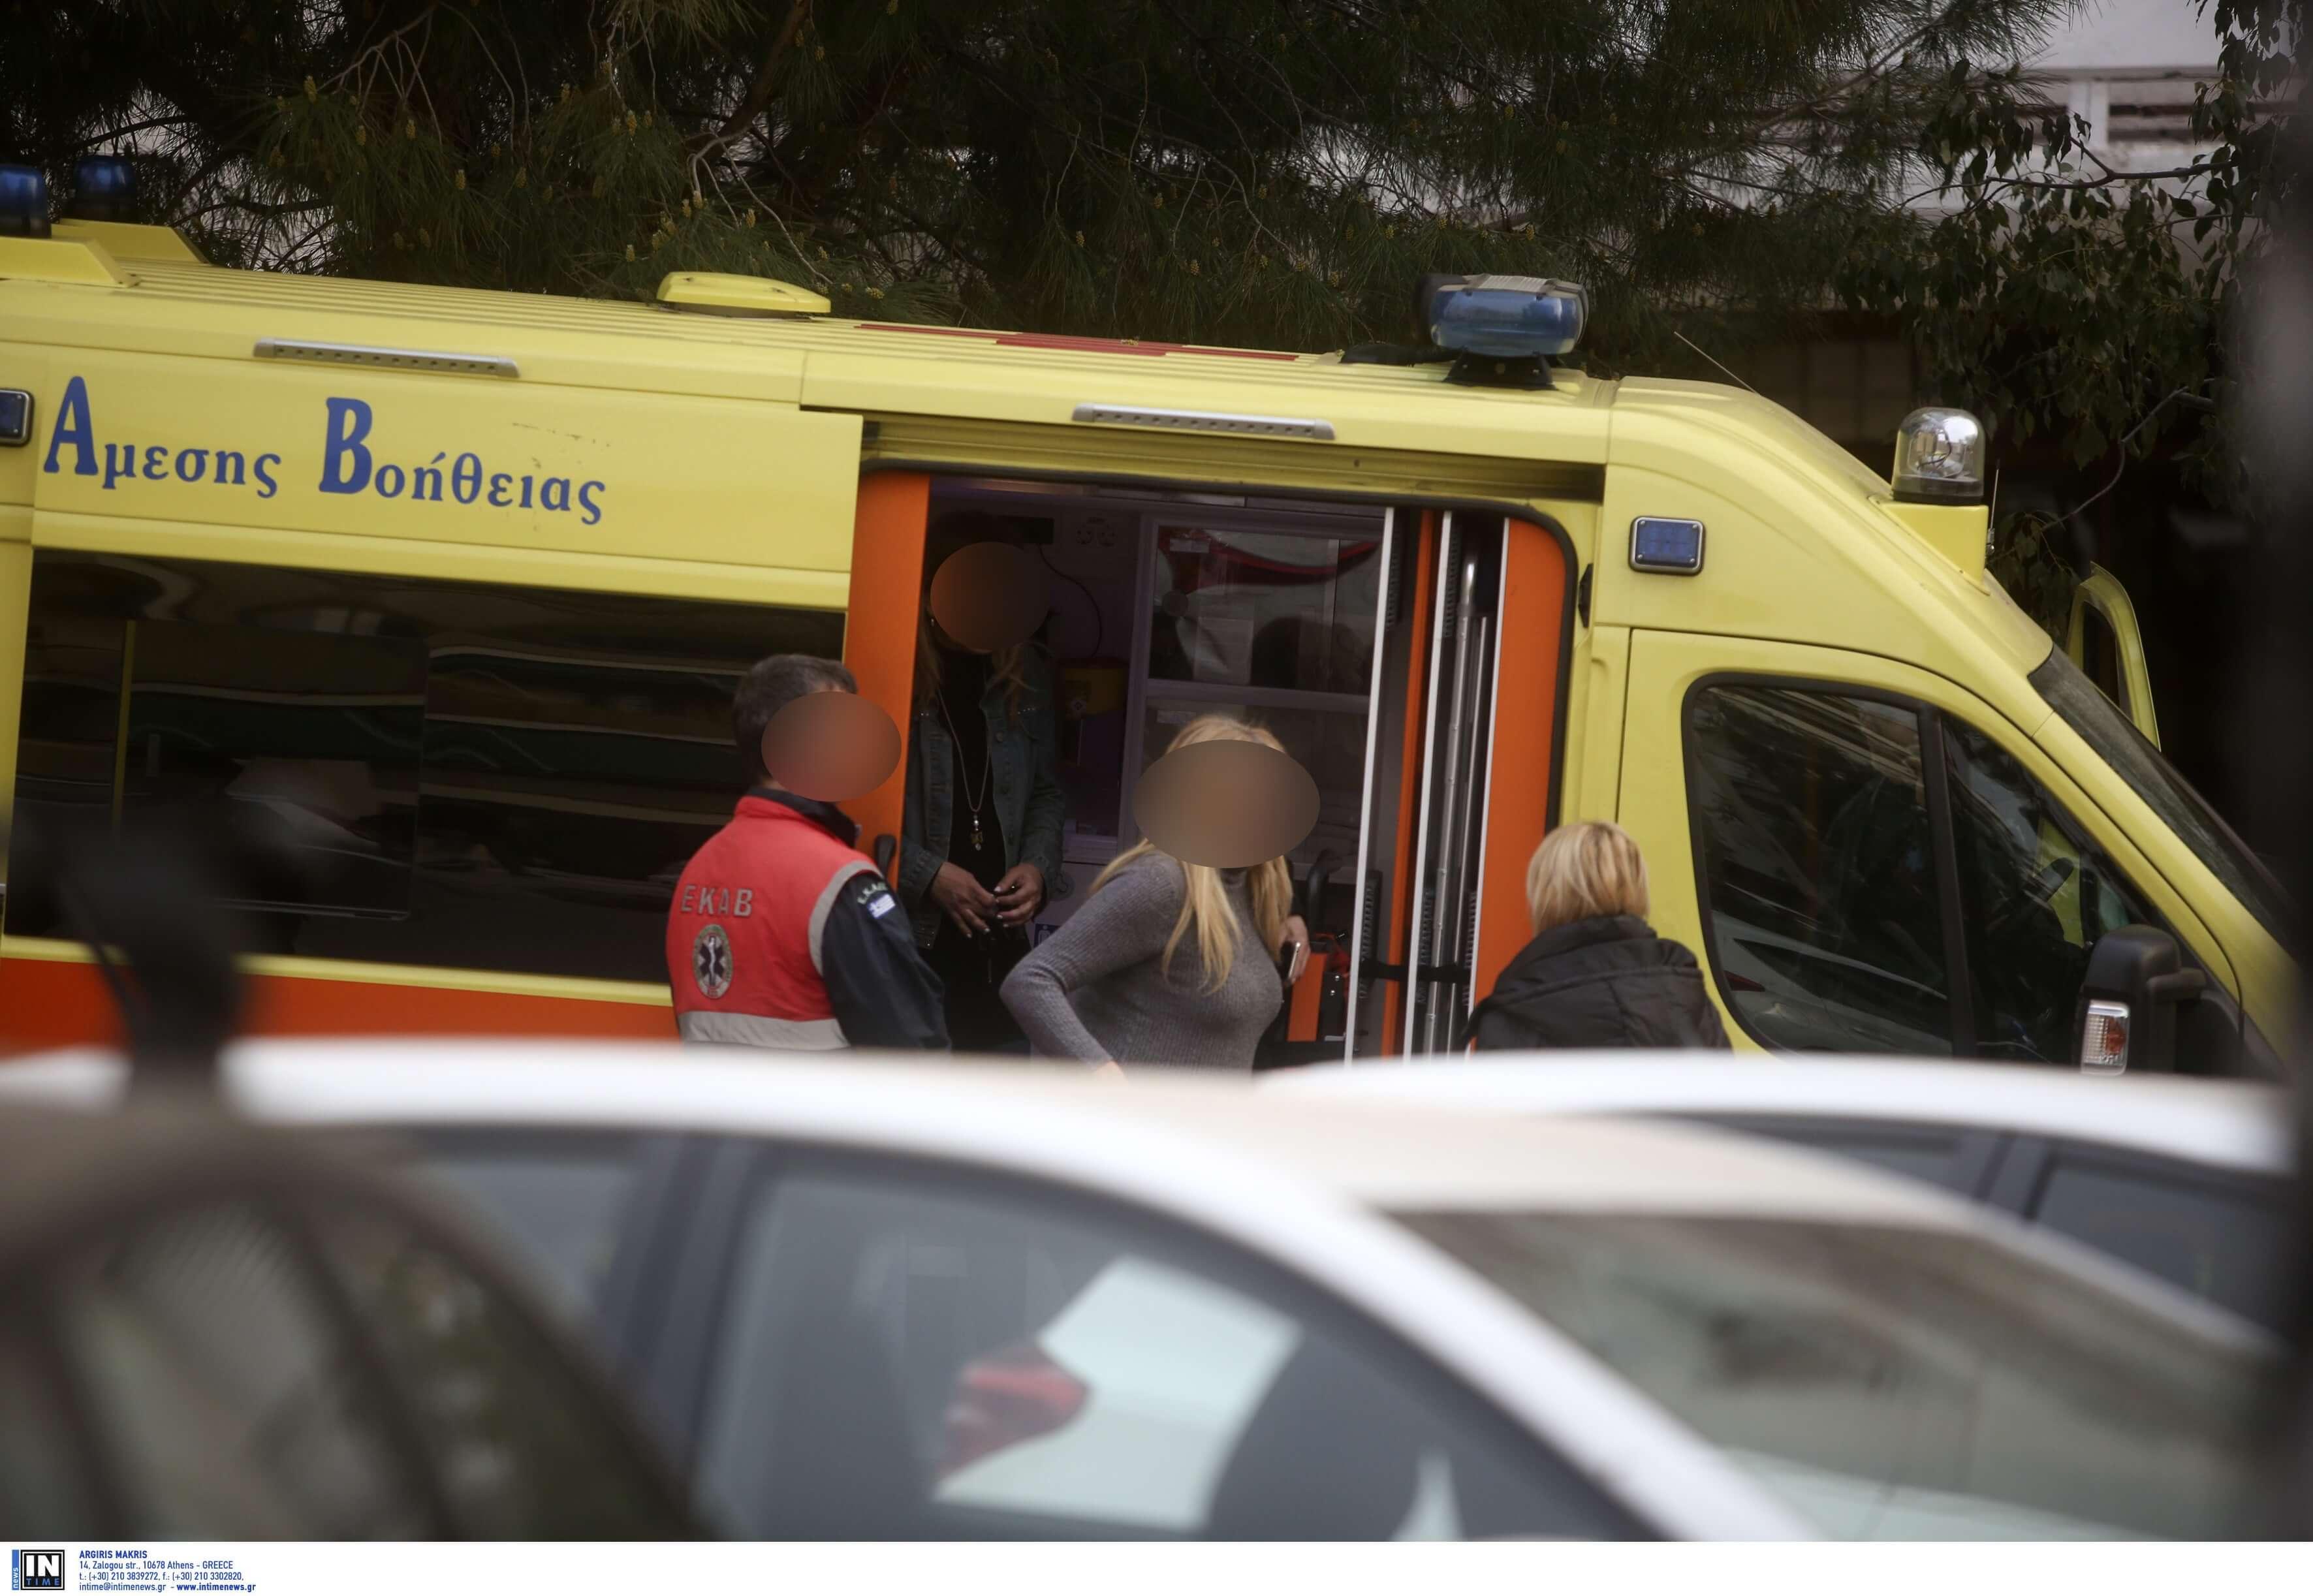 Με επιχείρηση της ΕΚΑΜ έληξε η ομηρία στη Νέα Σμύρνη - Ελαφρά τραυματίας ο πατέρας που κρατούσε όμηρο ο γιος του